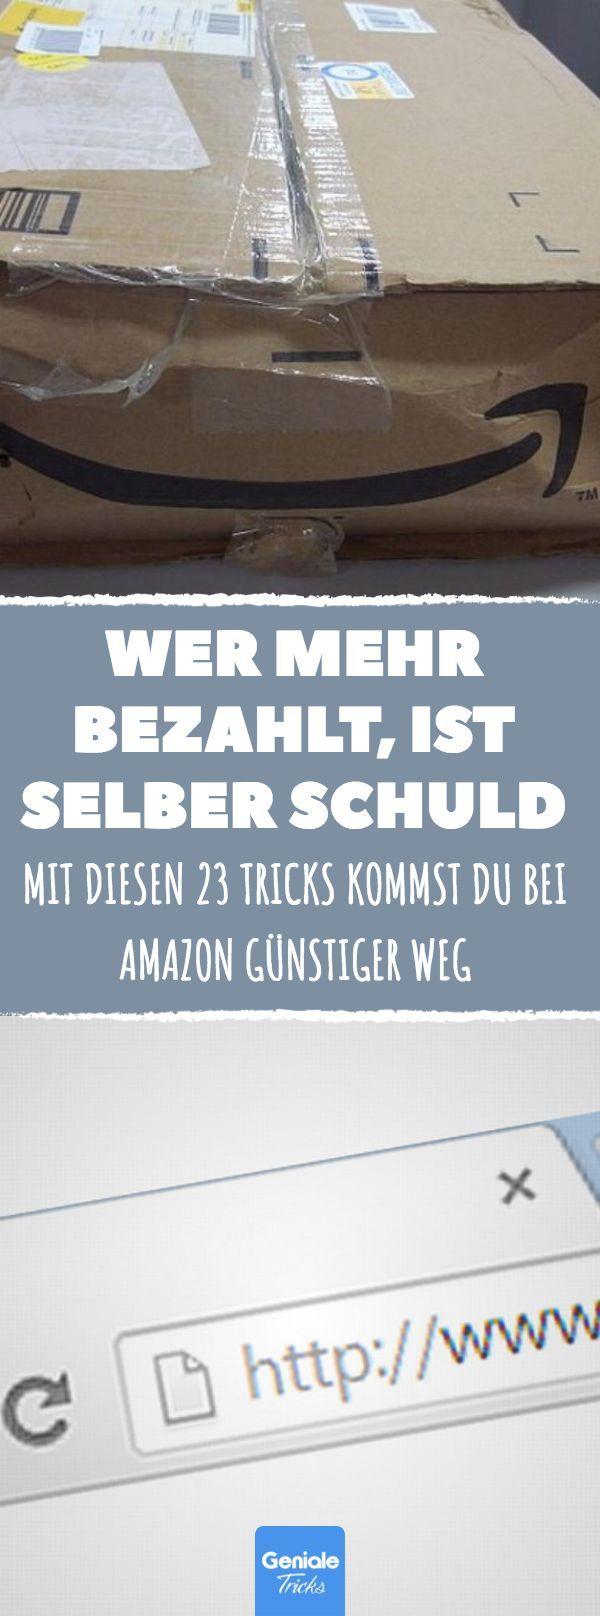 Günstiger shoppen: Mit diesen Tricks kannst du bei Amazon bares Geld sparen. #sparen #amazon #lifehacks – Nellavarin